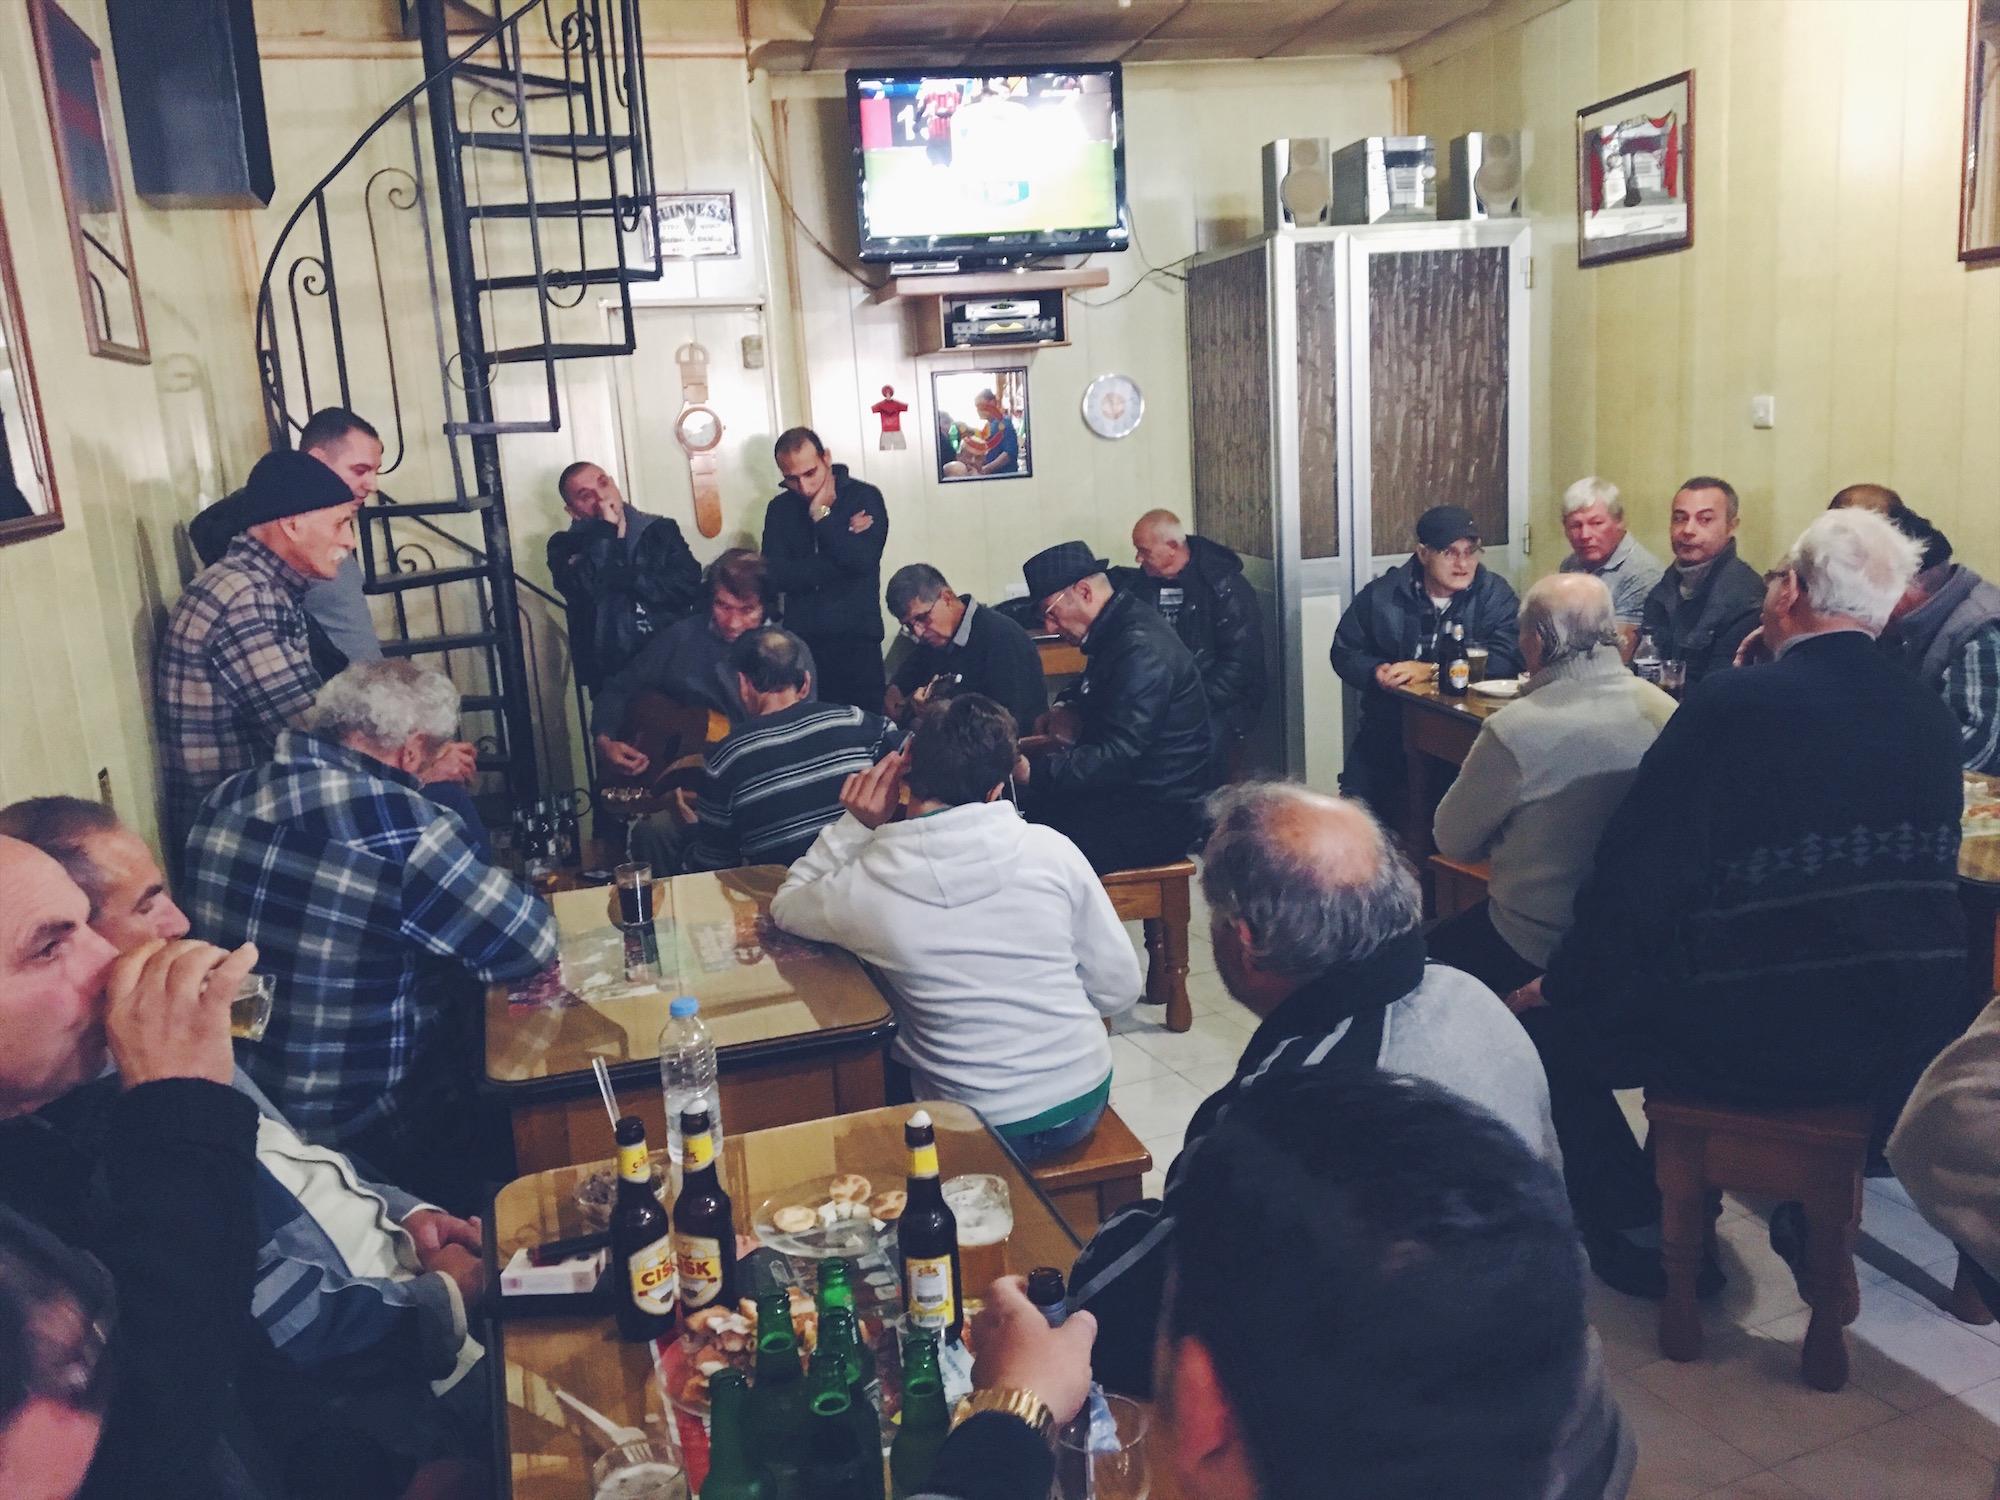 La Għana è un tipico canto maltese, un misto tra il fado portoghese e gli stornelli romagnoli.